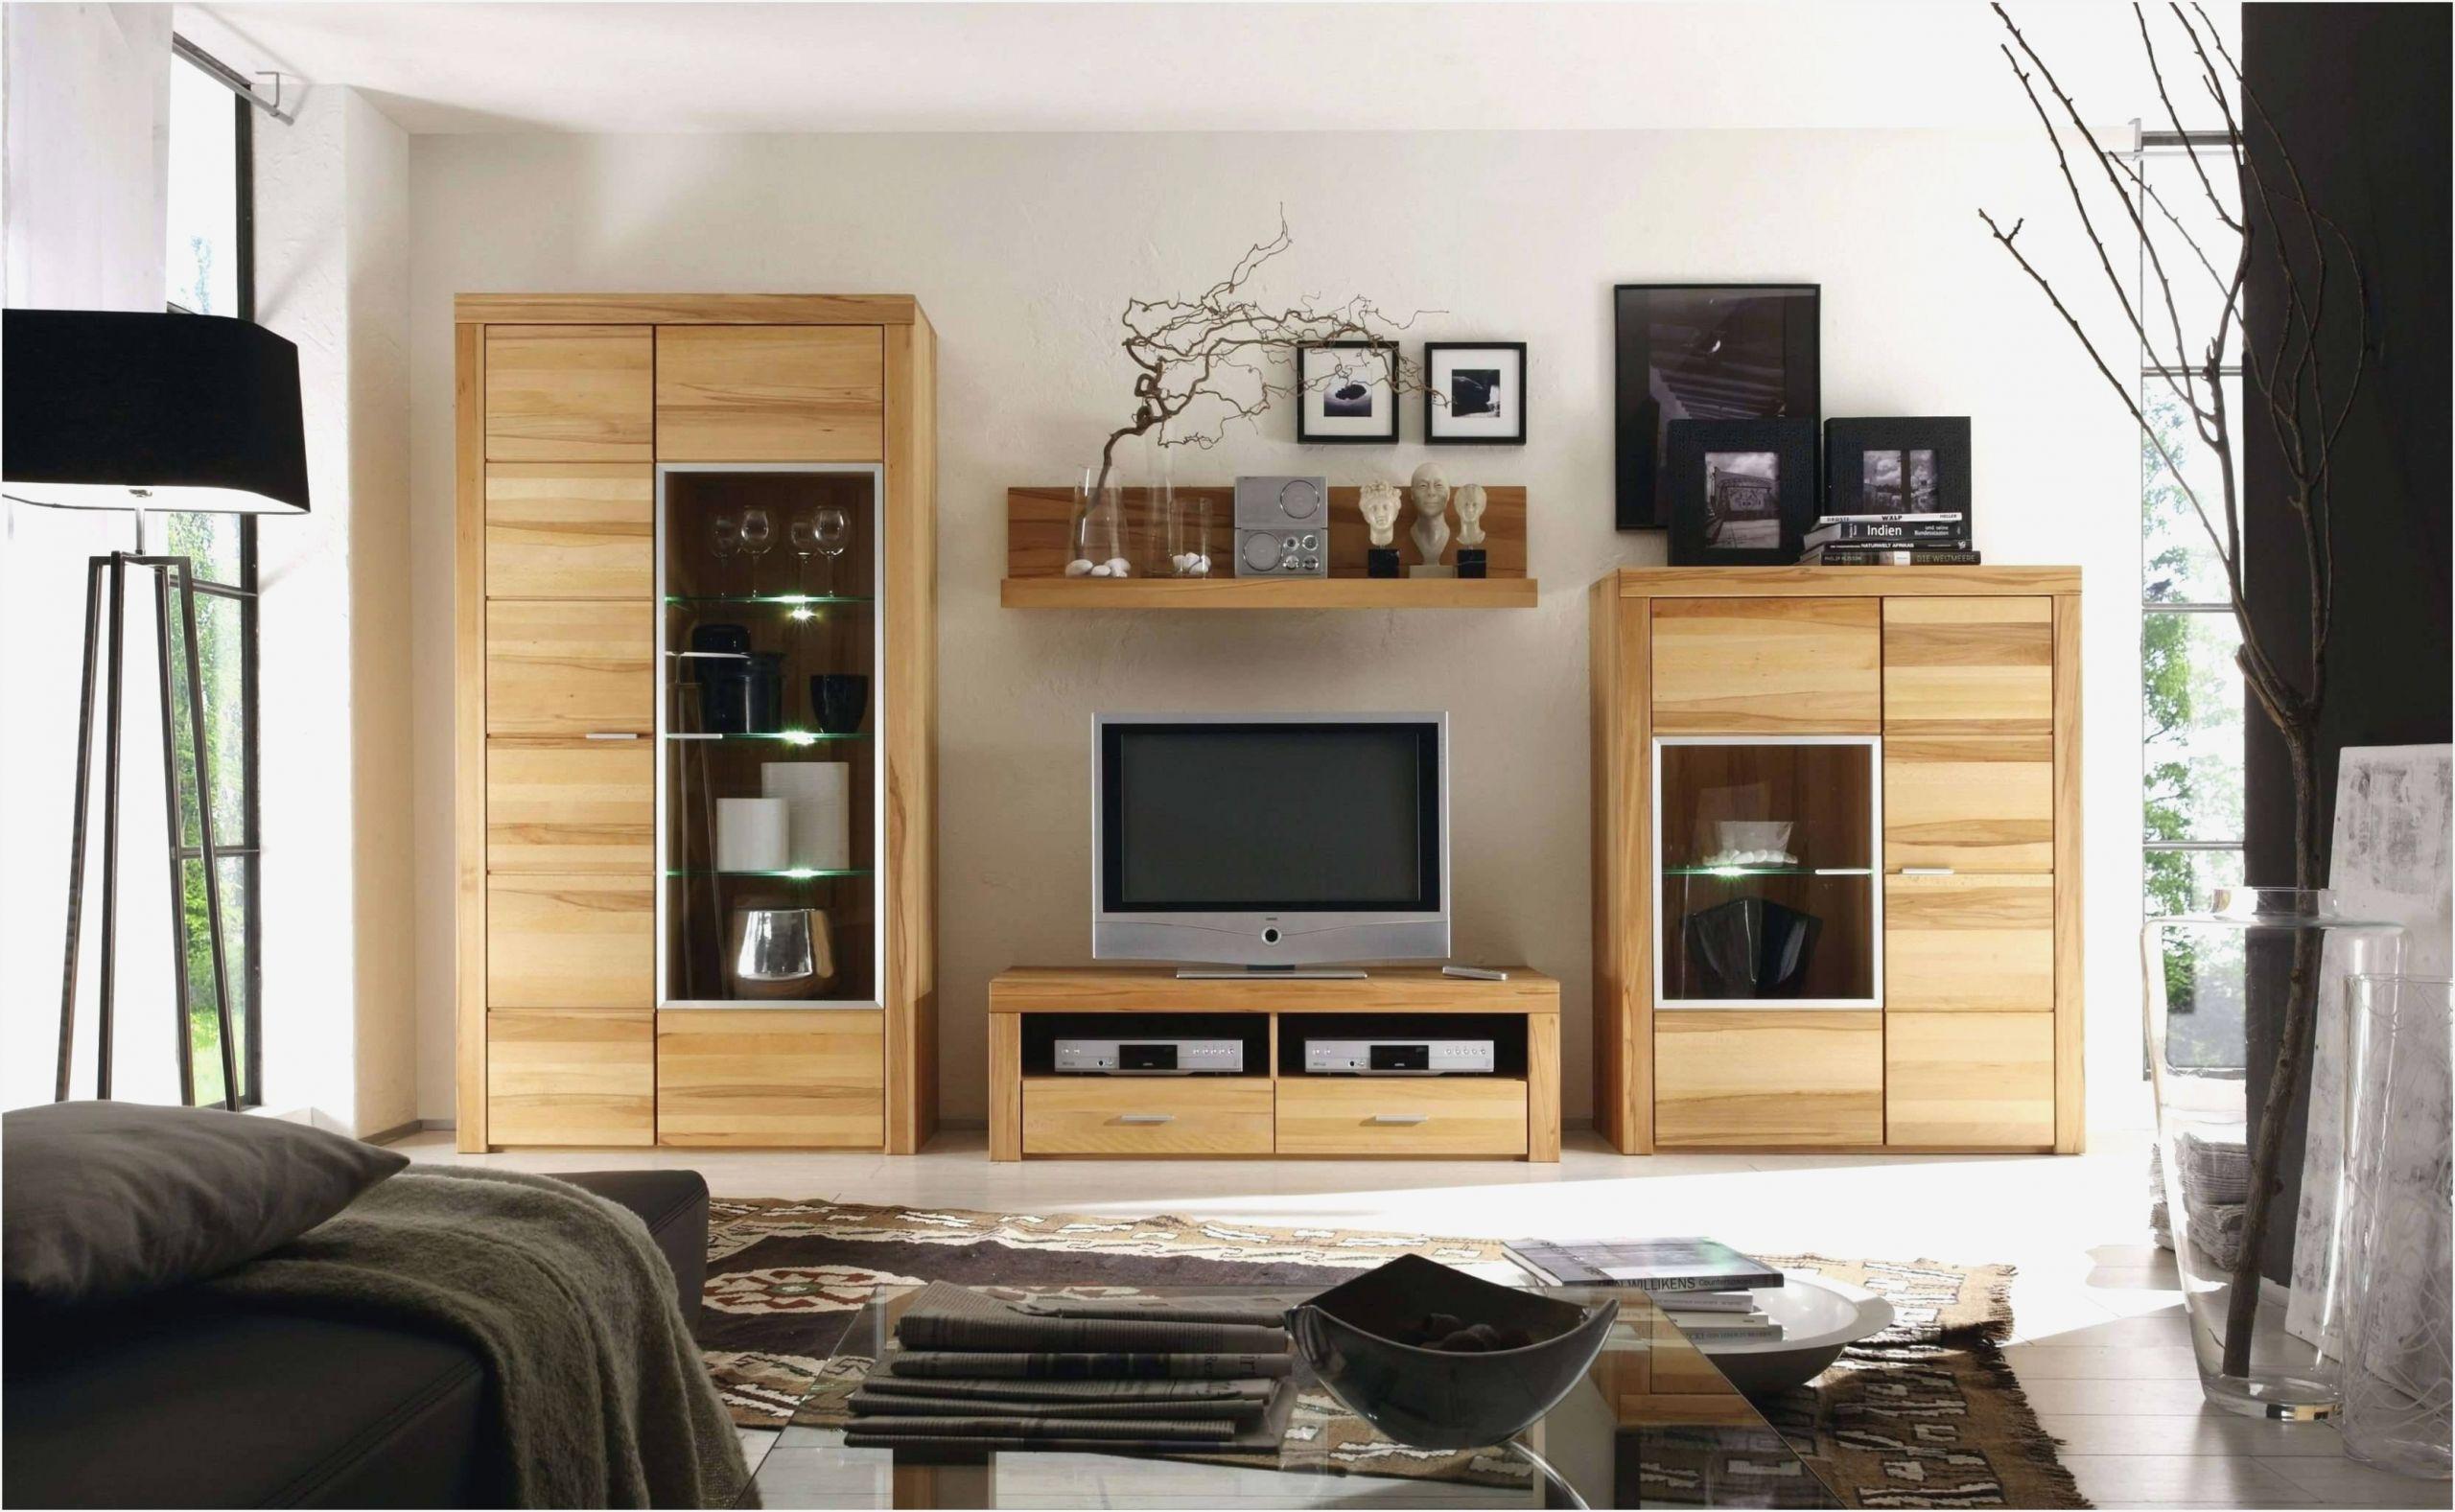 Full Size of Ikea Wohnzimmerschrank Sofa Mit Schlaffunktion Küche Kosten Kaufen Modulküche Betten 160x200 Miniküche Bei Wohnzimmer Ikea Wohnzimmerschrank